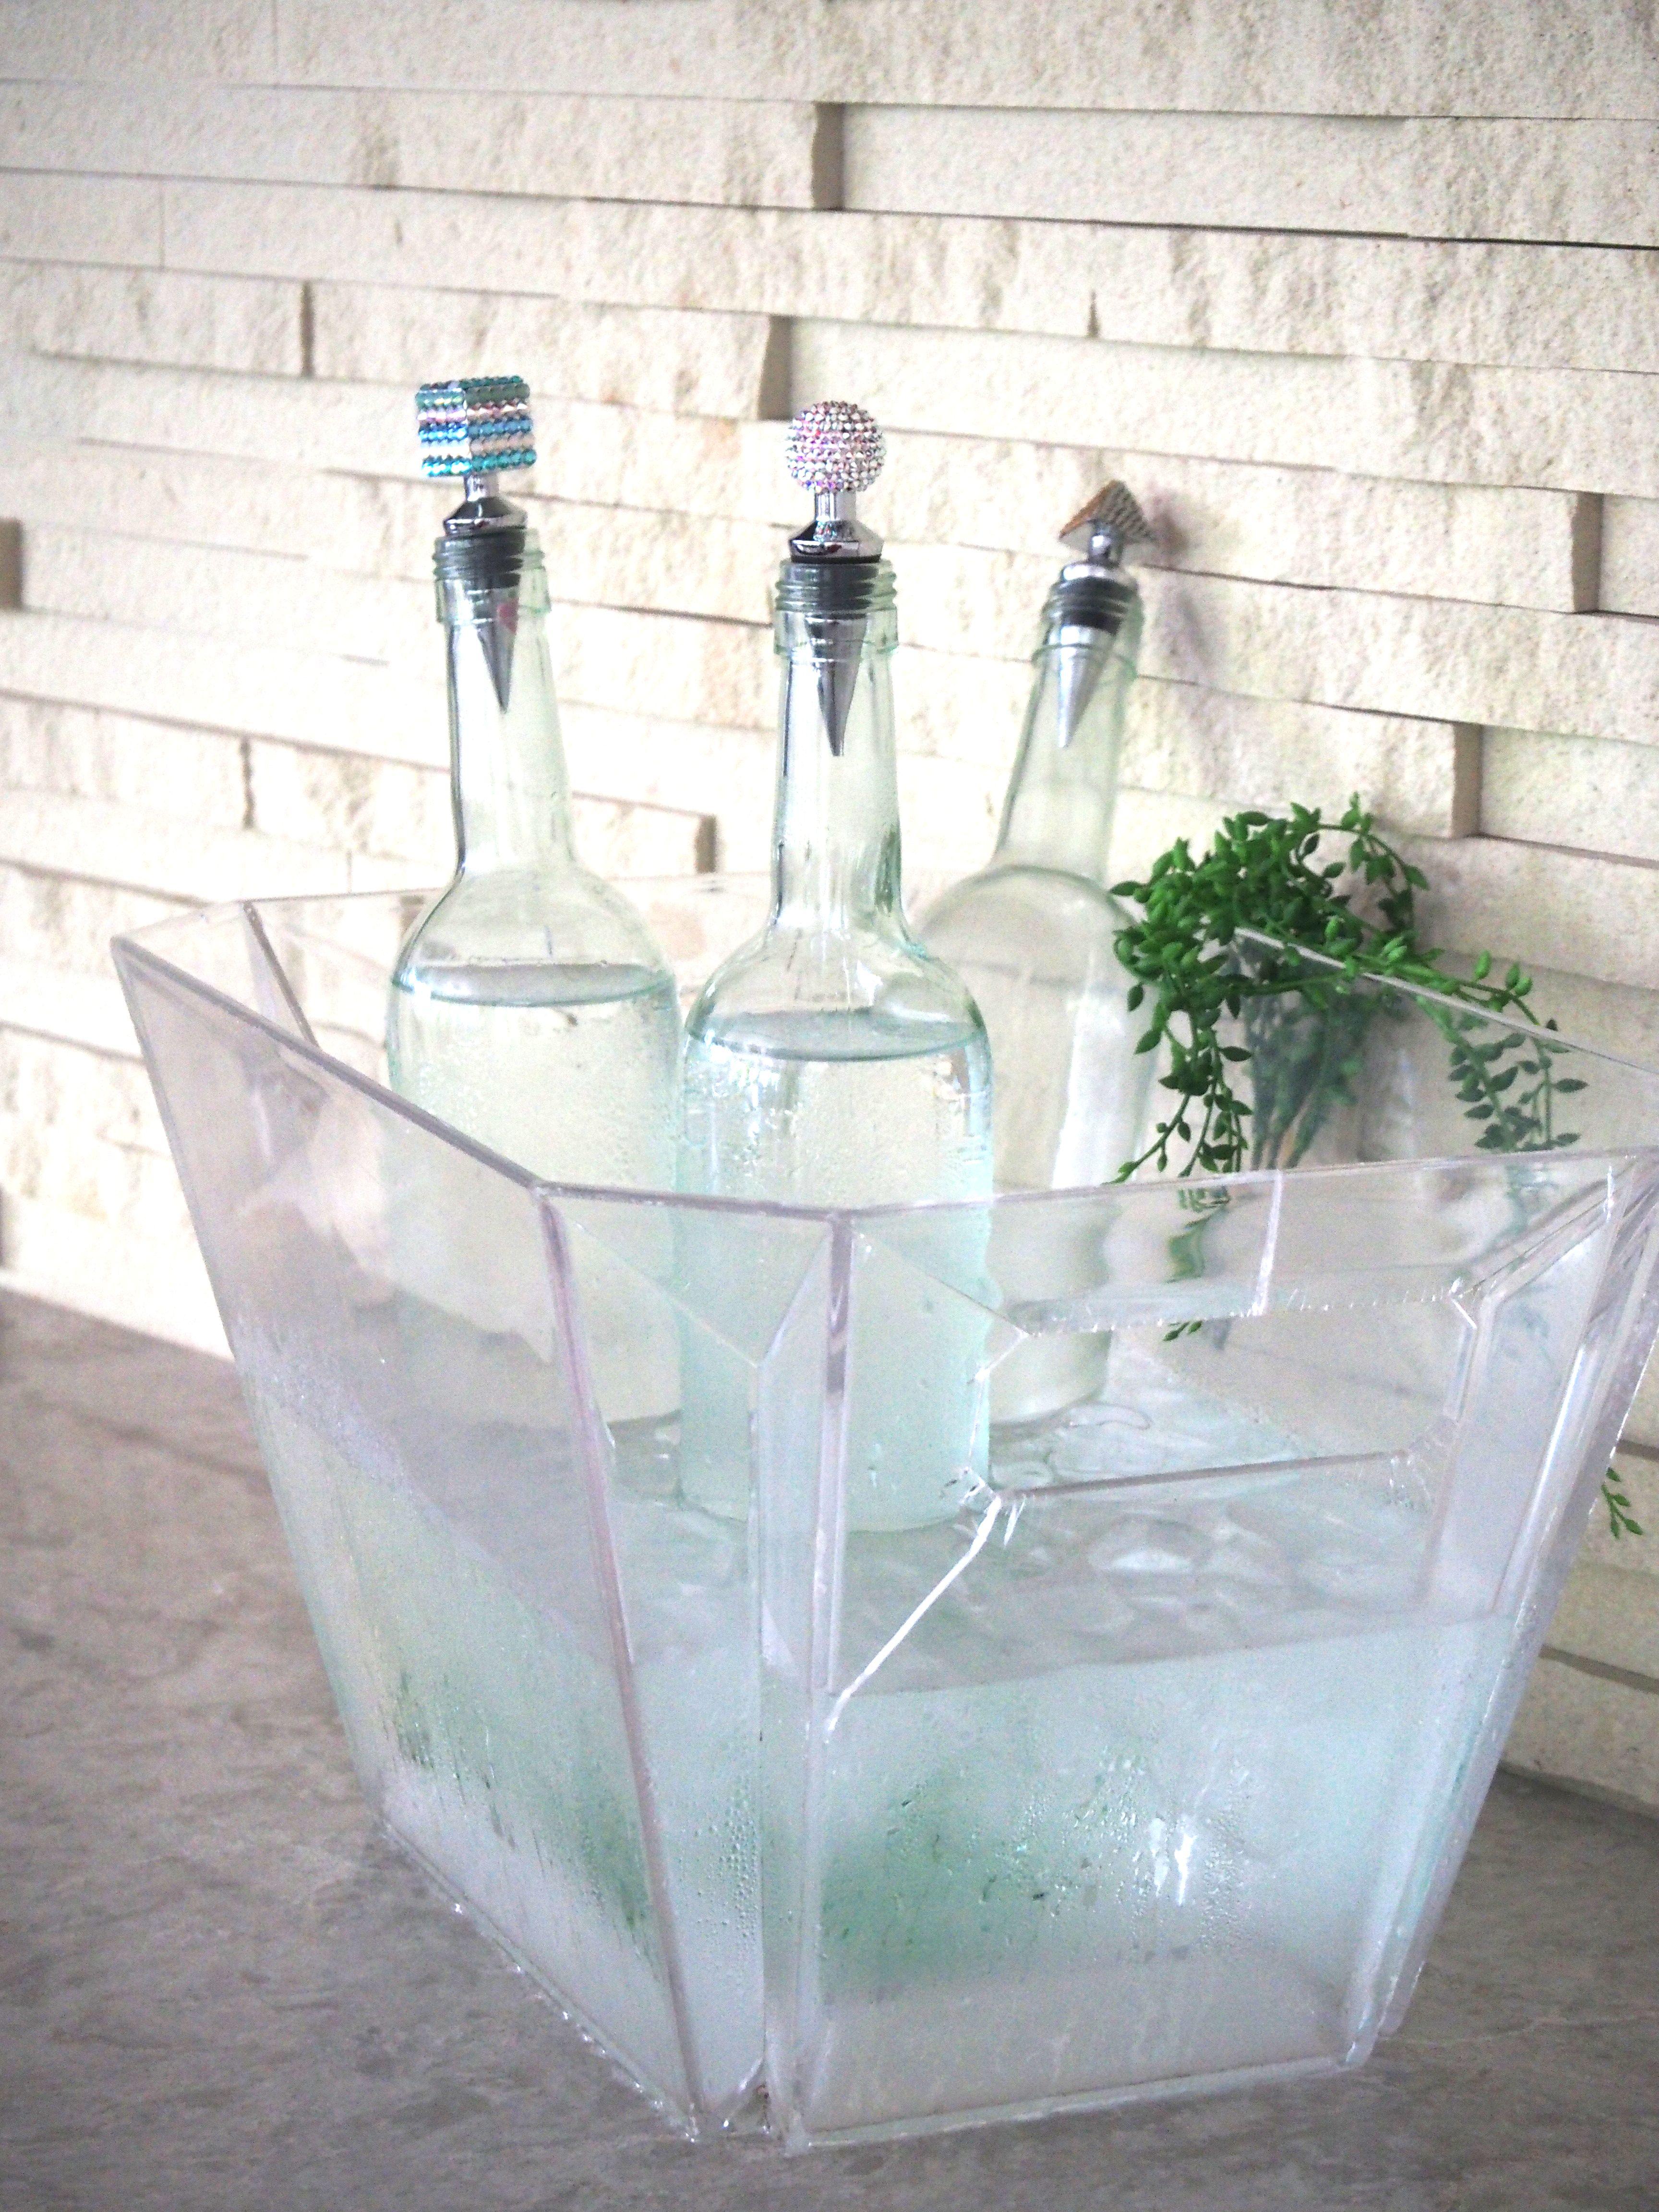 スワロフスキー ワインCAP ウォーターCAP デトックスウォーター オシャレ ワイン インテリア キラキラ